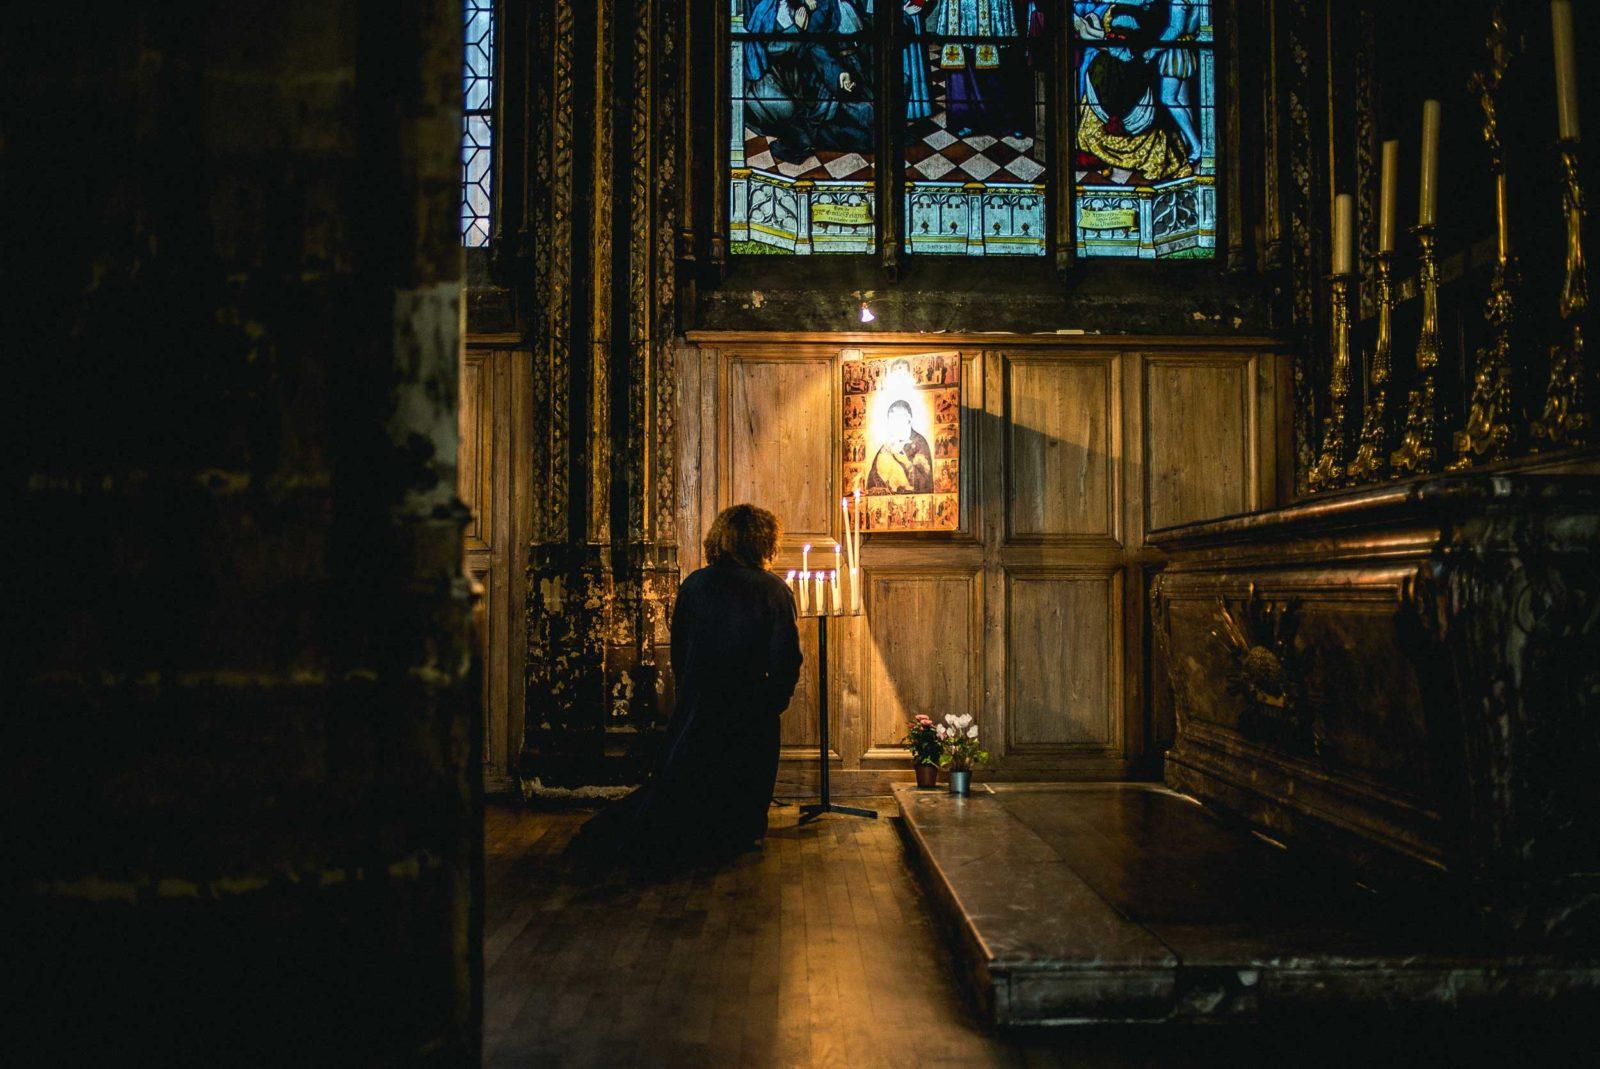 Βασκανία: Μια δυνατή προσευχή